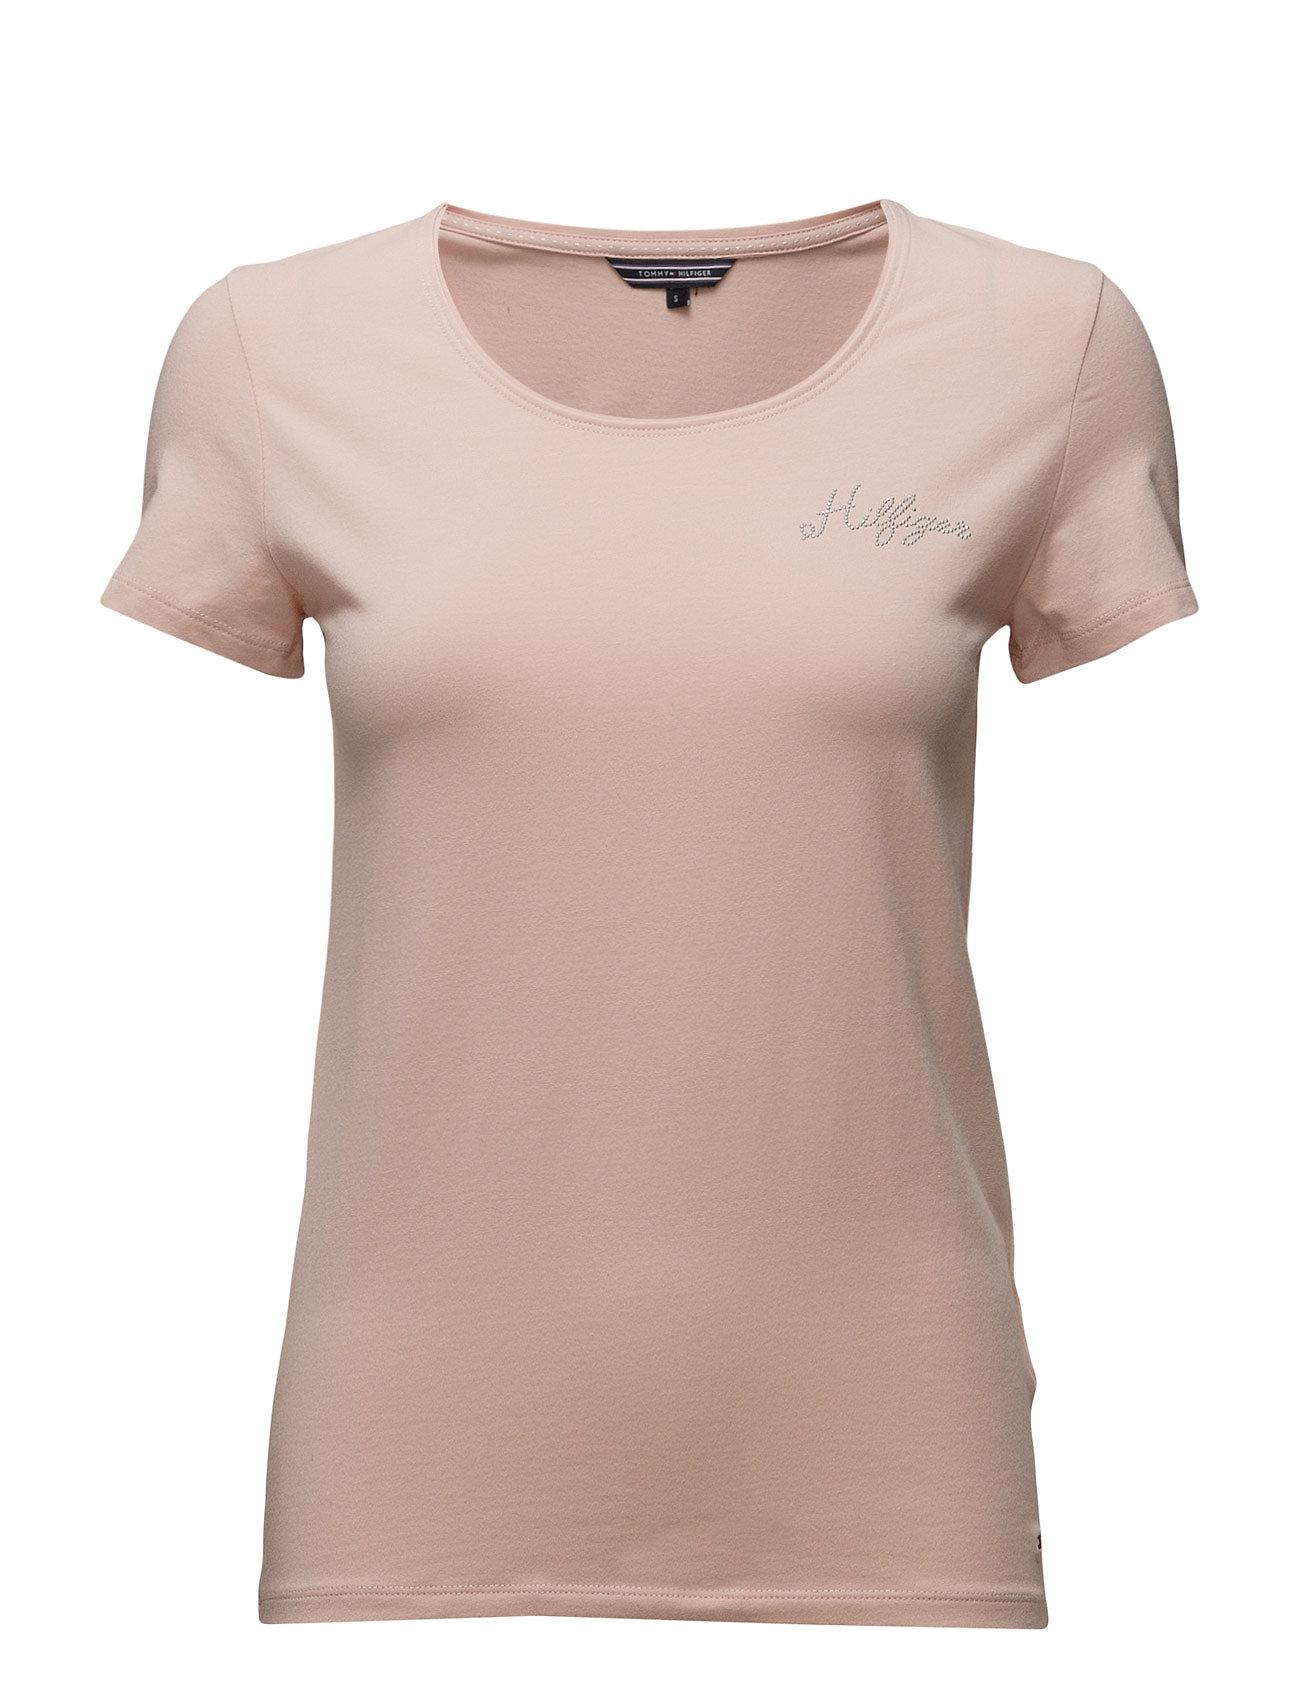 Lizzy Logo Diamante Round-Nk Top Ss Tommy Hilfiger Kortærmede til Damer i Lyserød